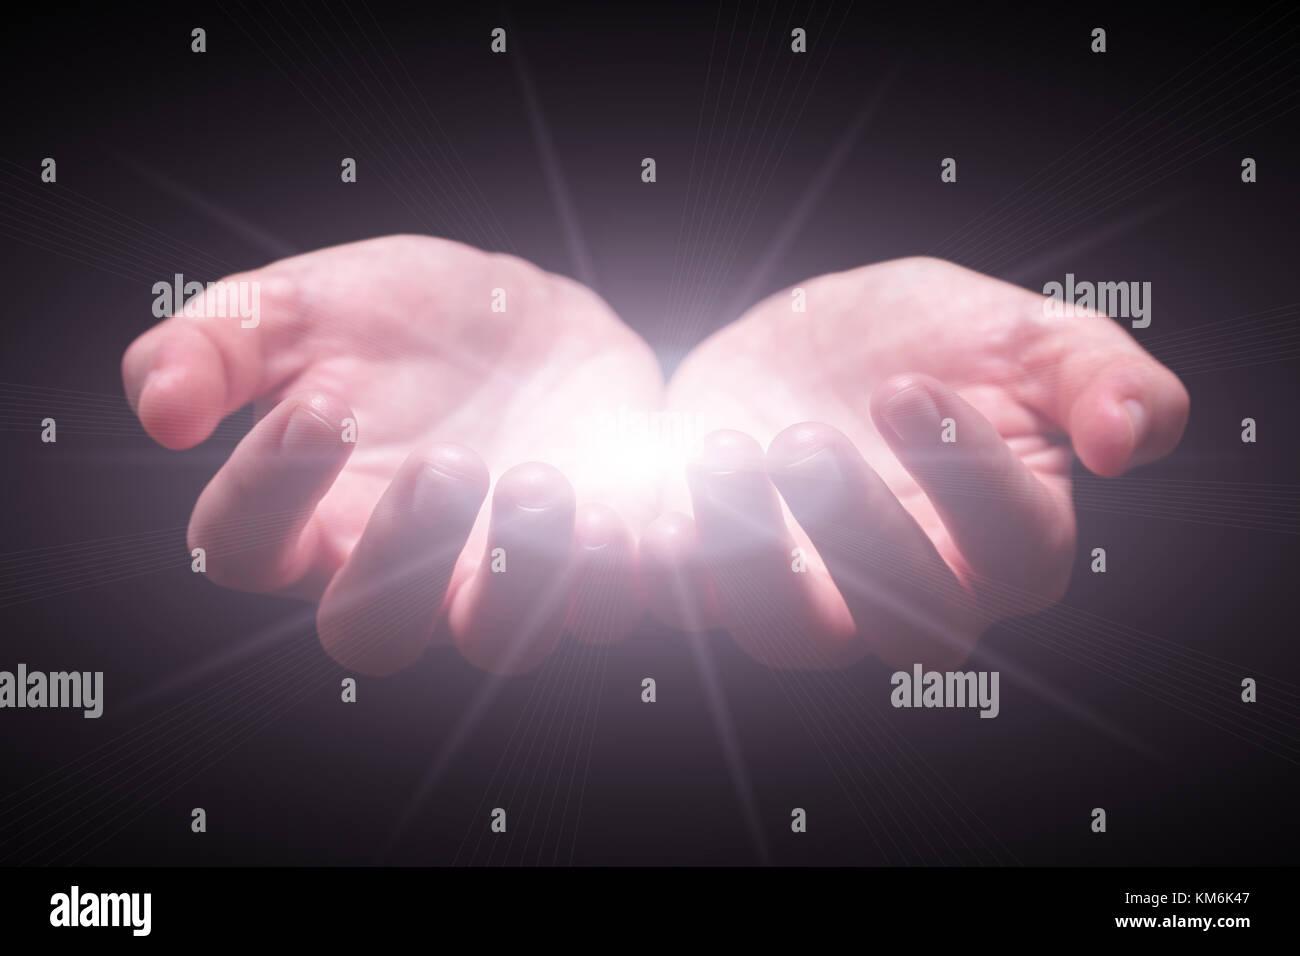 Donna mani cupped proteggere azienda e luminosa incandescente radiante luce splendente. che emettono raggi o travi Immagini Stock